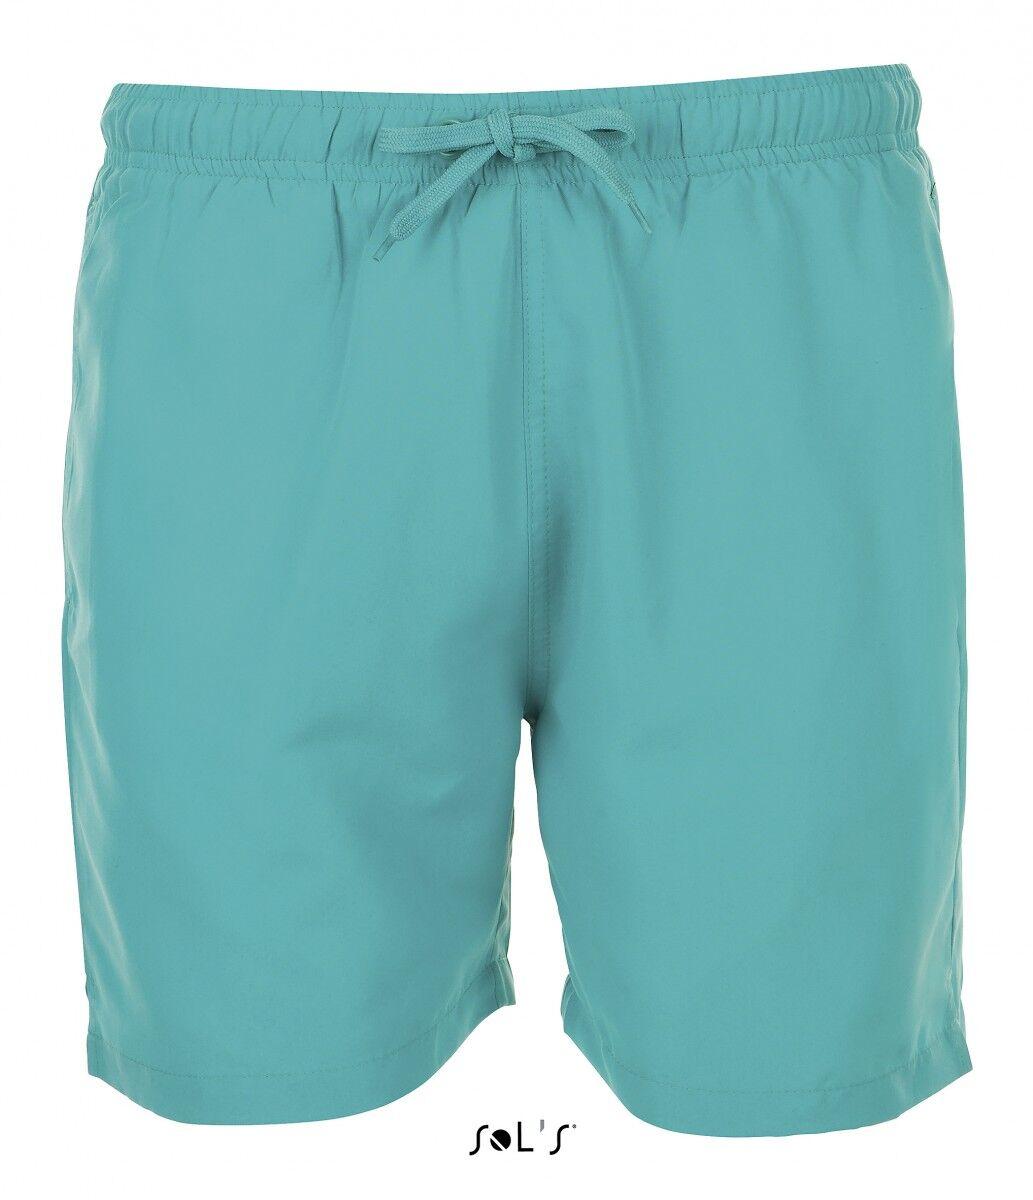 short de bain Homme - 01689 bleu turquoise